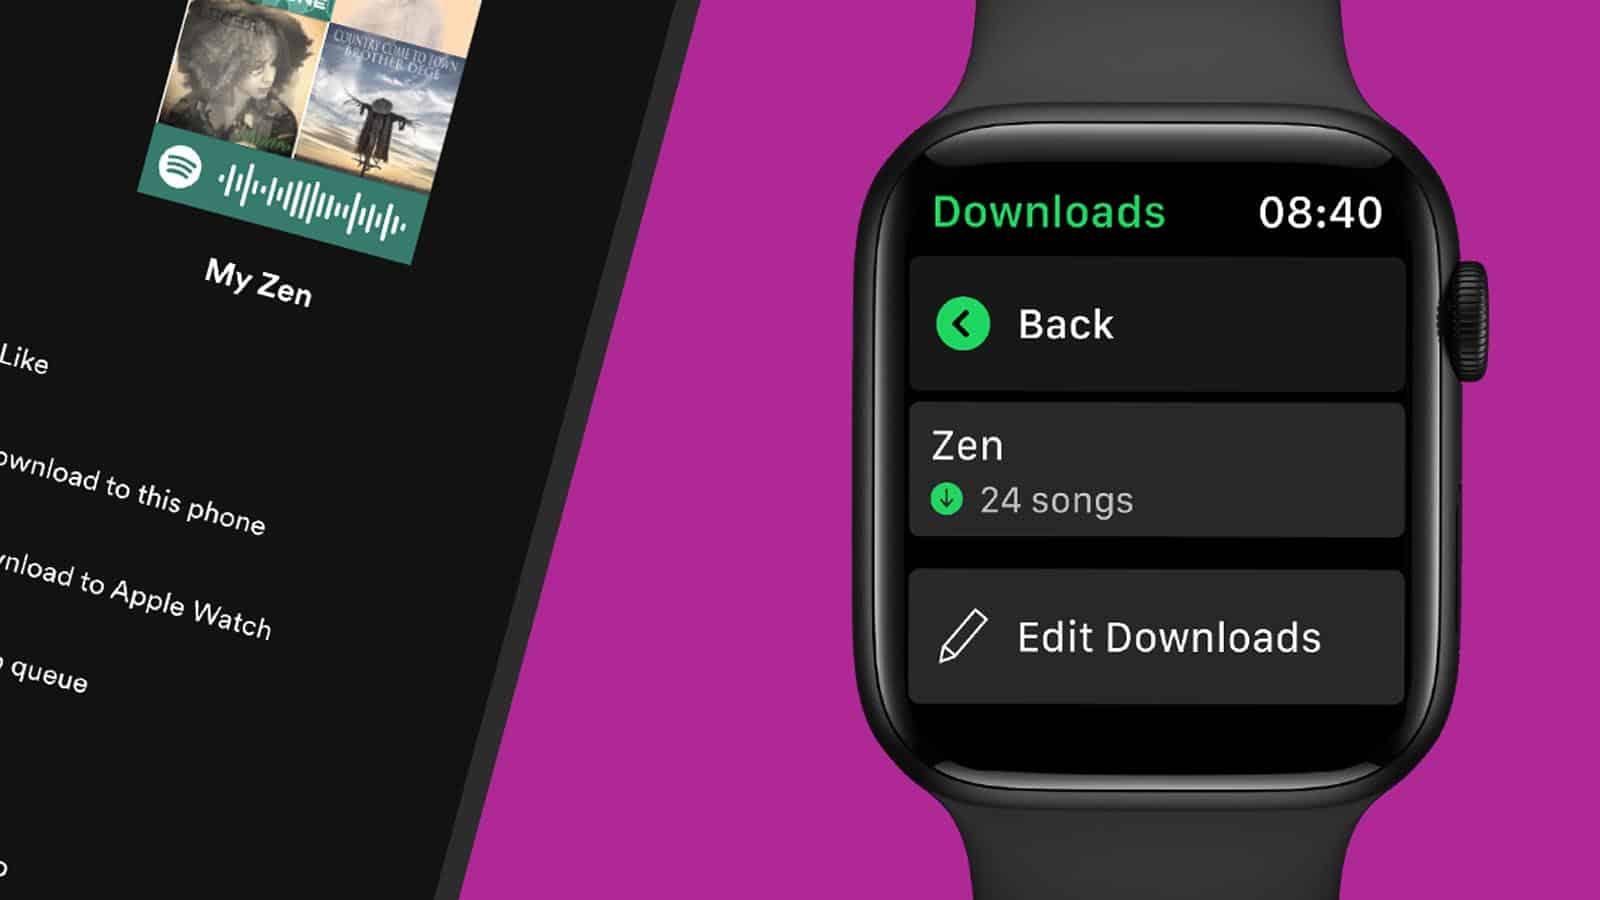 spotify downloads on apple watch